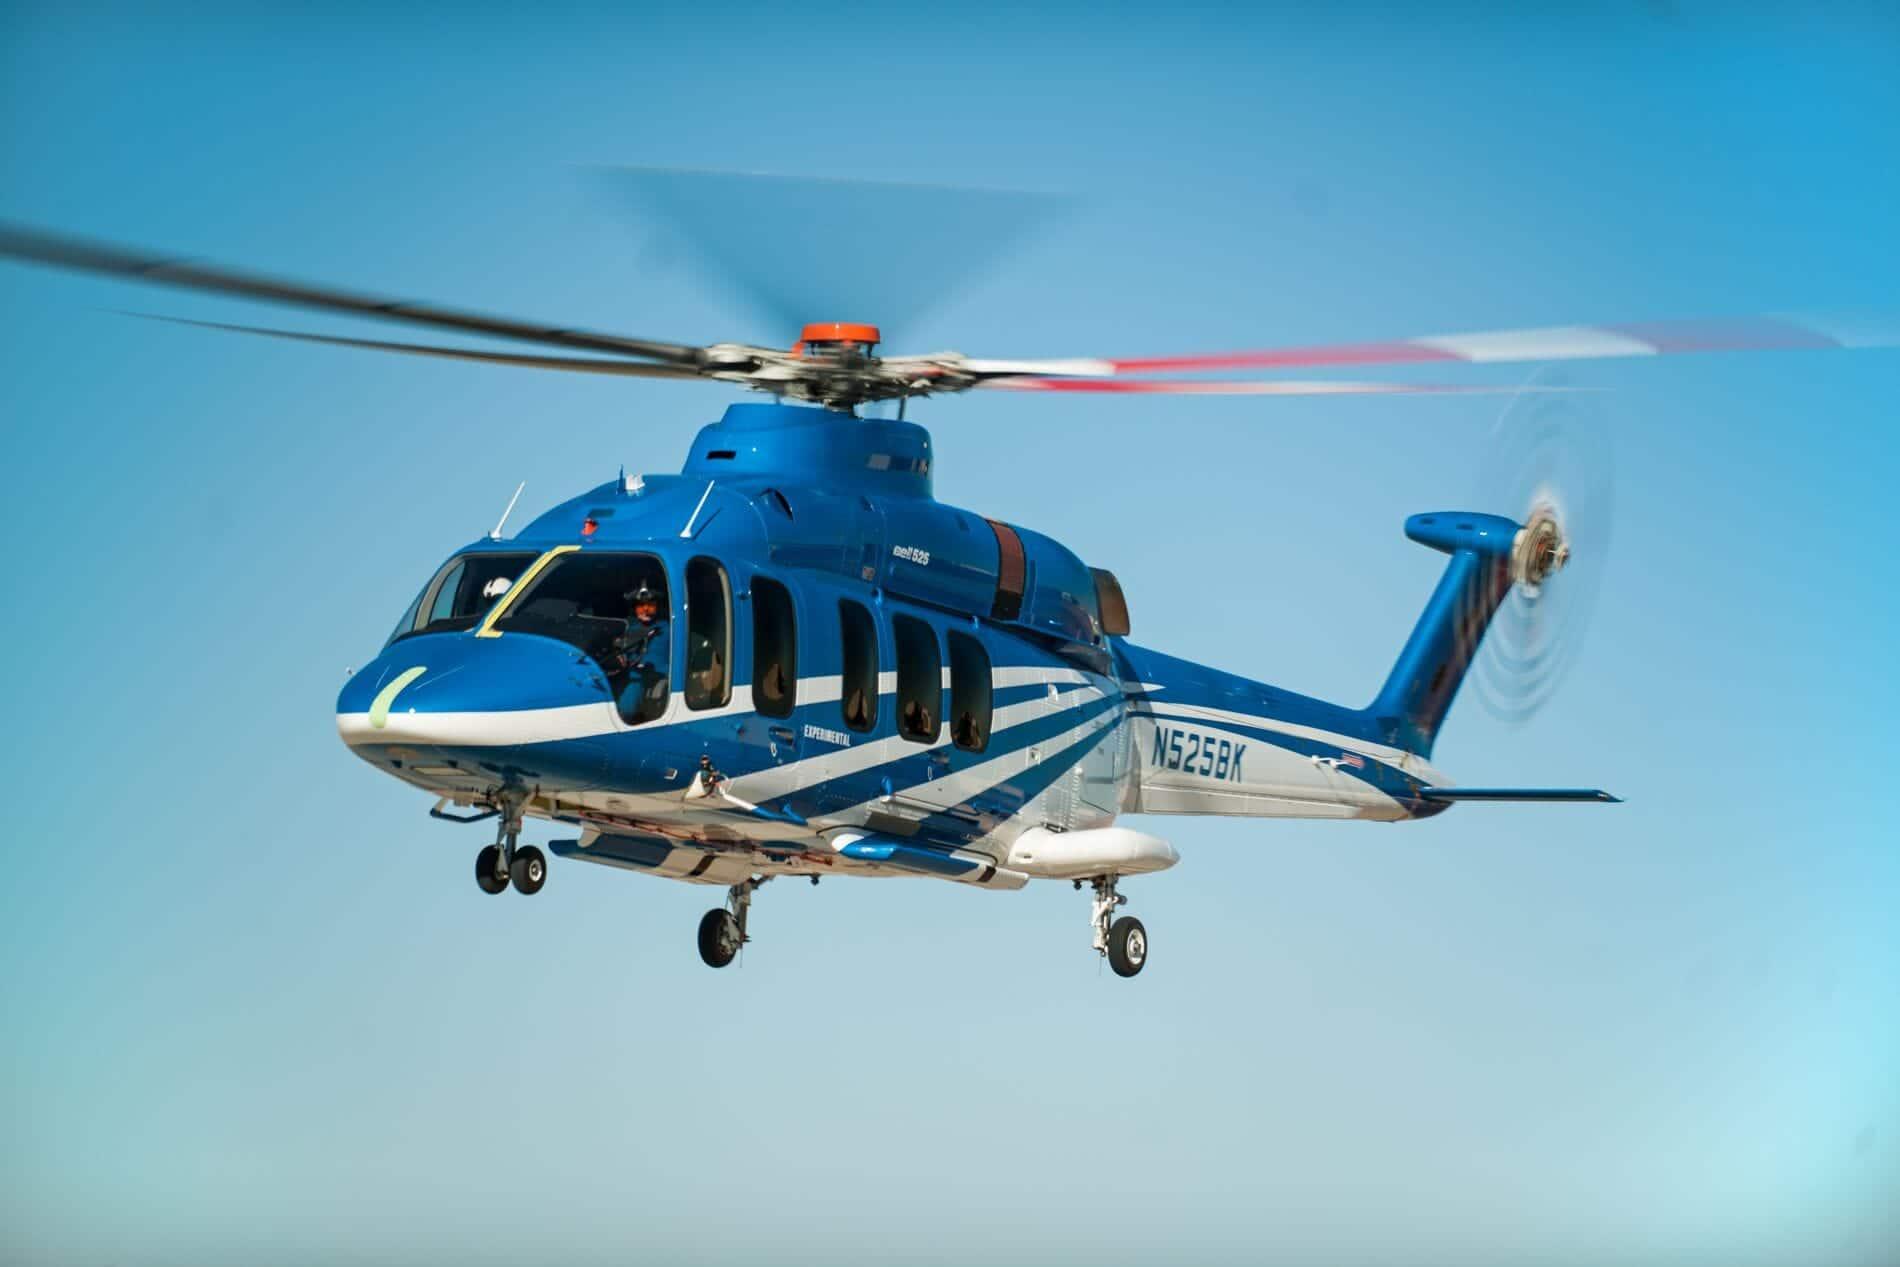 Bell 525 en vol devant un ciel bleu